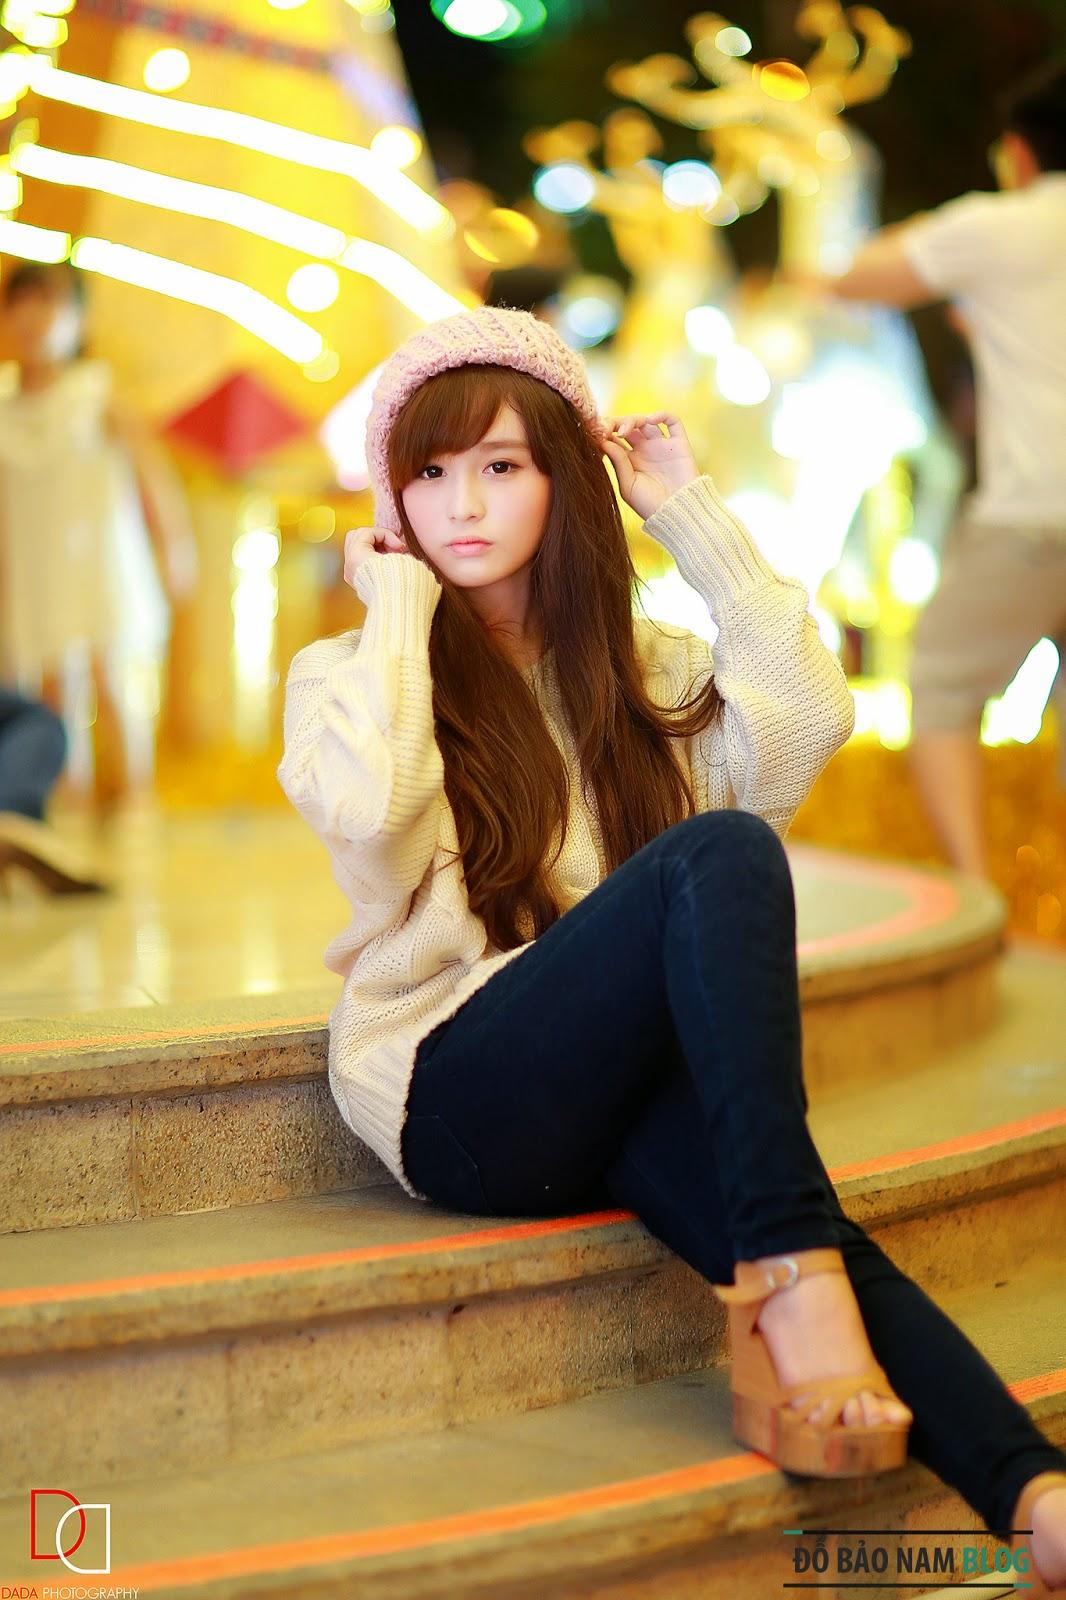 Ảnh đẹp girl xinh mới nhất 2014 được tuyển chọn 07